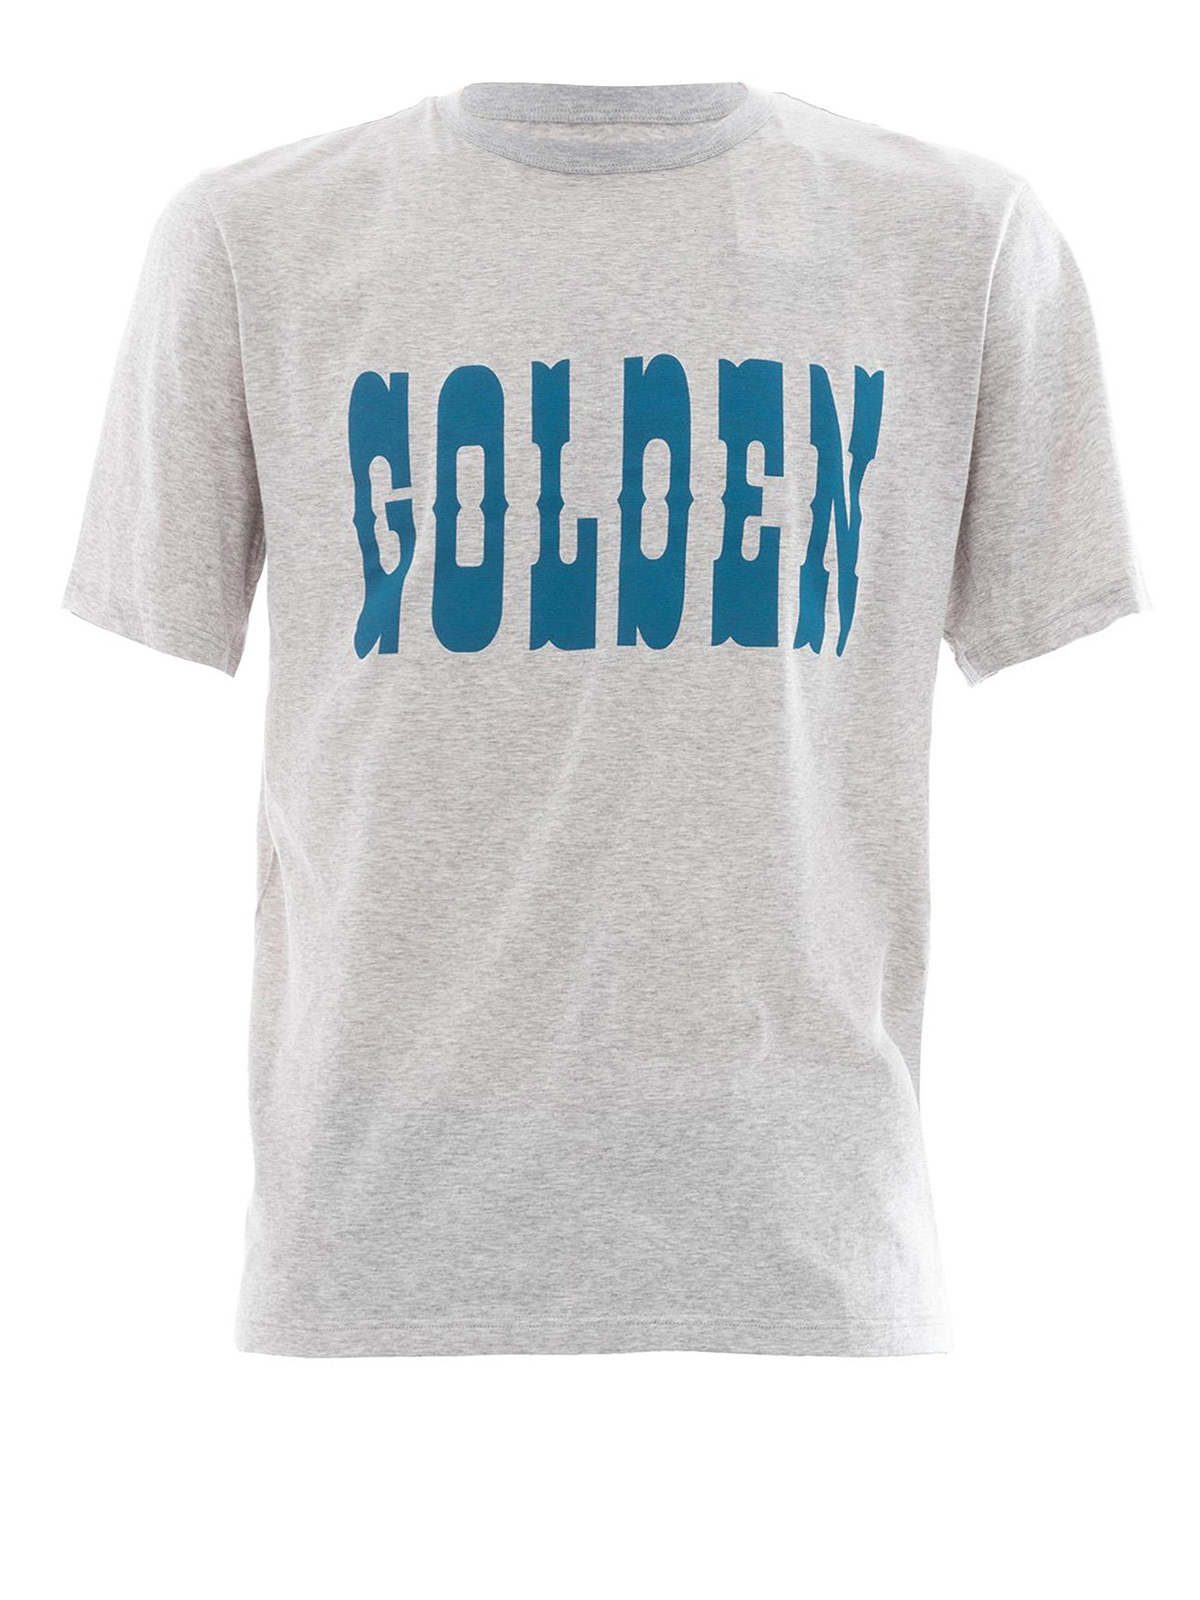 GOLDEN GOOSE HOMME G32MP524A2 GRIS COTON T-SHIRT d5jnTDLSzW